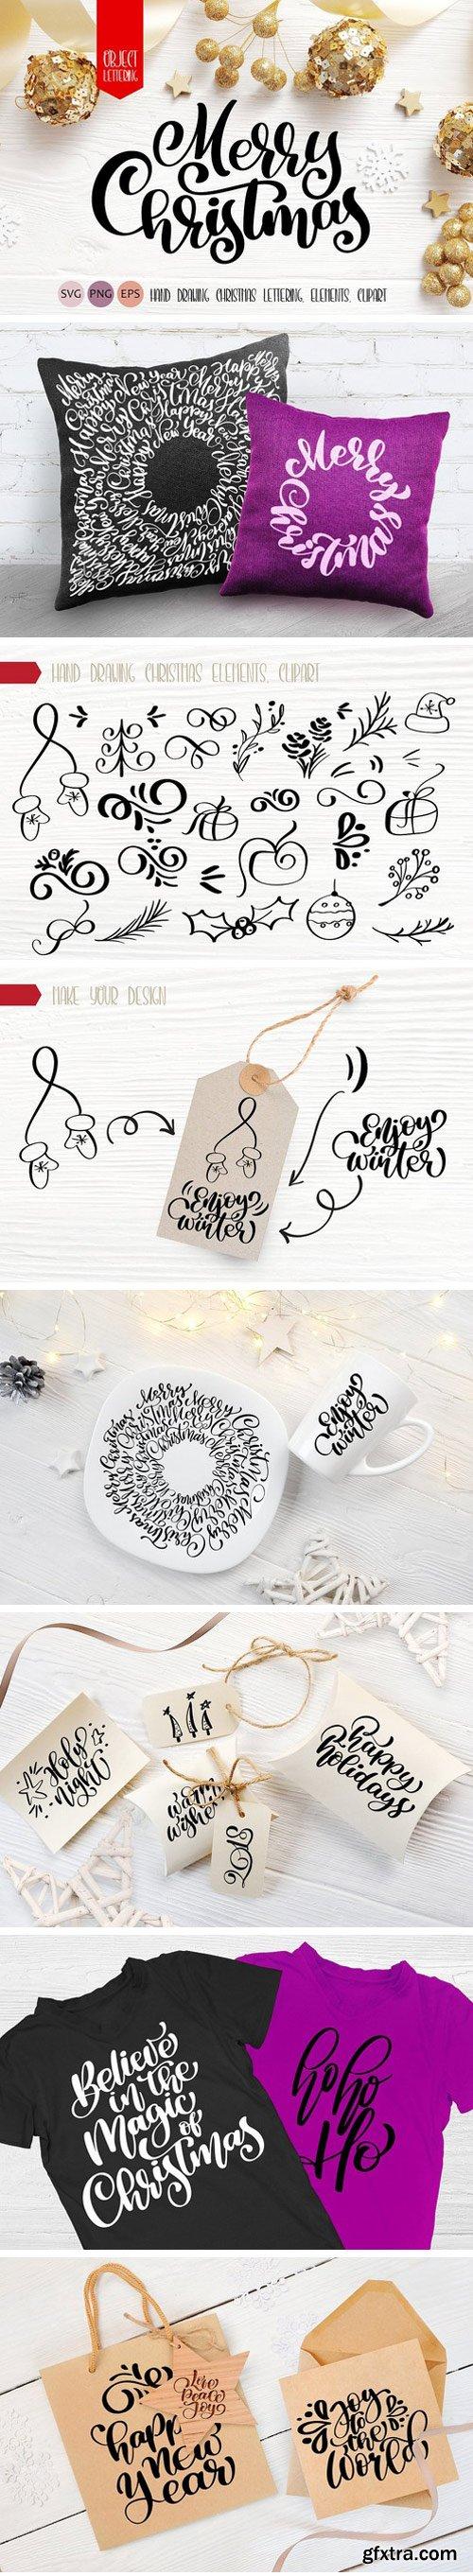 CM - Xmas Lettering & Doodle Elements 2121640